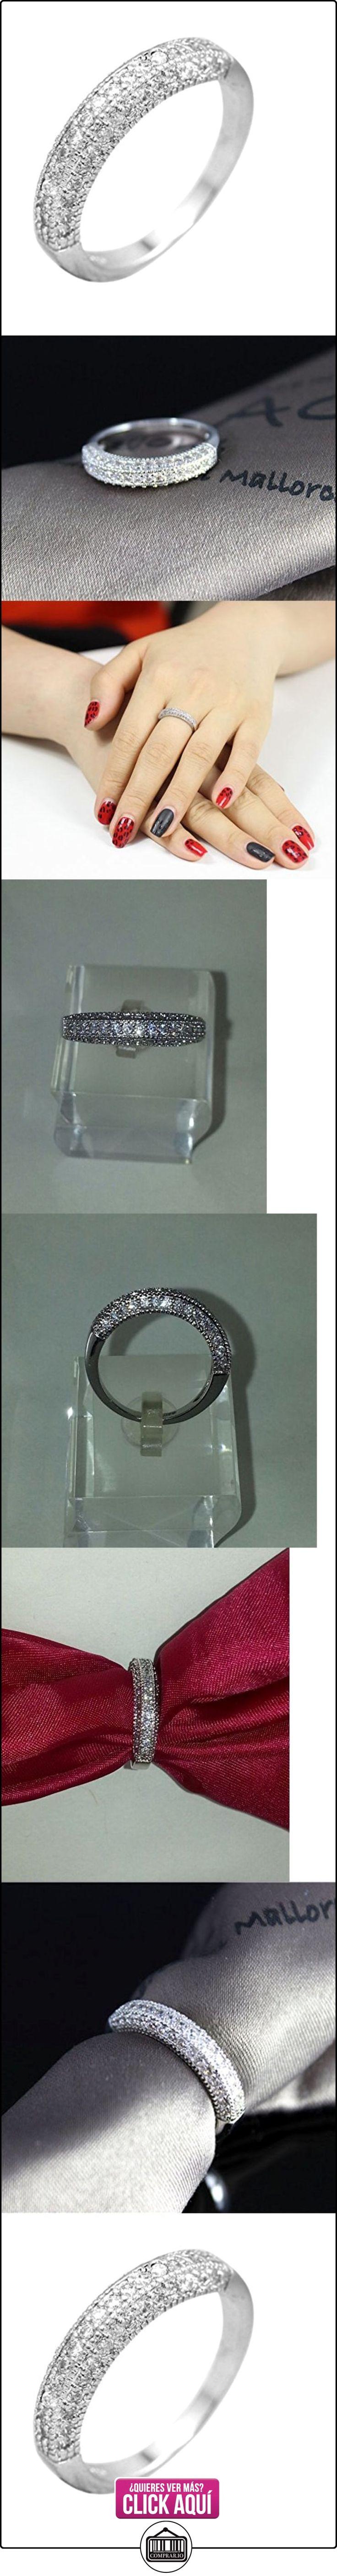 Anillo de plata del aniversario del canal del sistema del anillo de diamante de la CZ promesa de compromiso de bodas para ella OTAMAÑO  ✿ Joyas para mujer - Las mejores ofertas ✿ ▬► Ver oferta: https://comprar.io/goto/B01A9Z1EB4